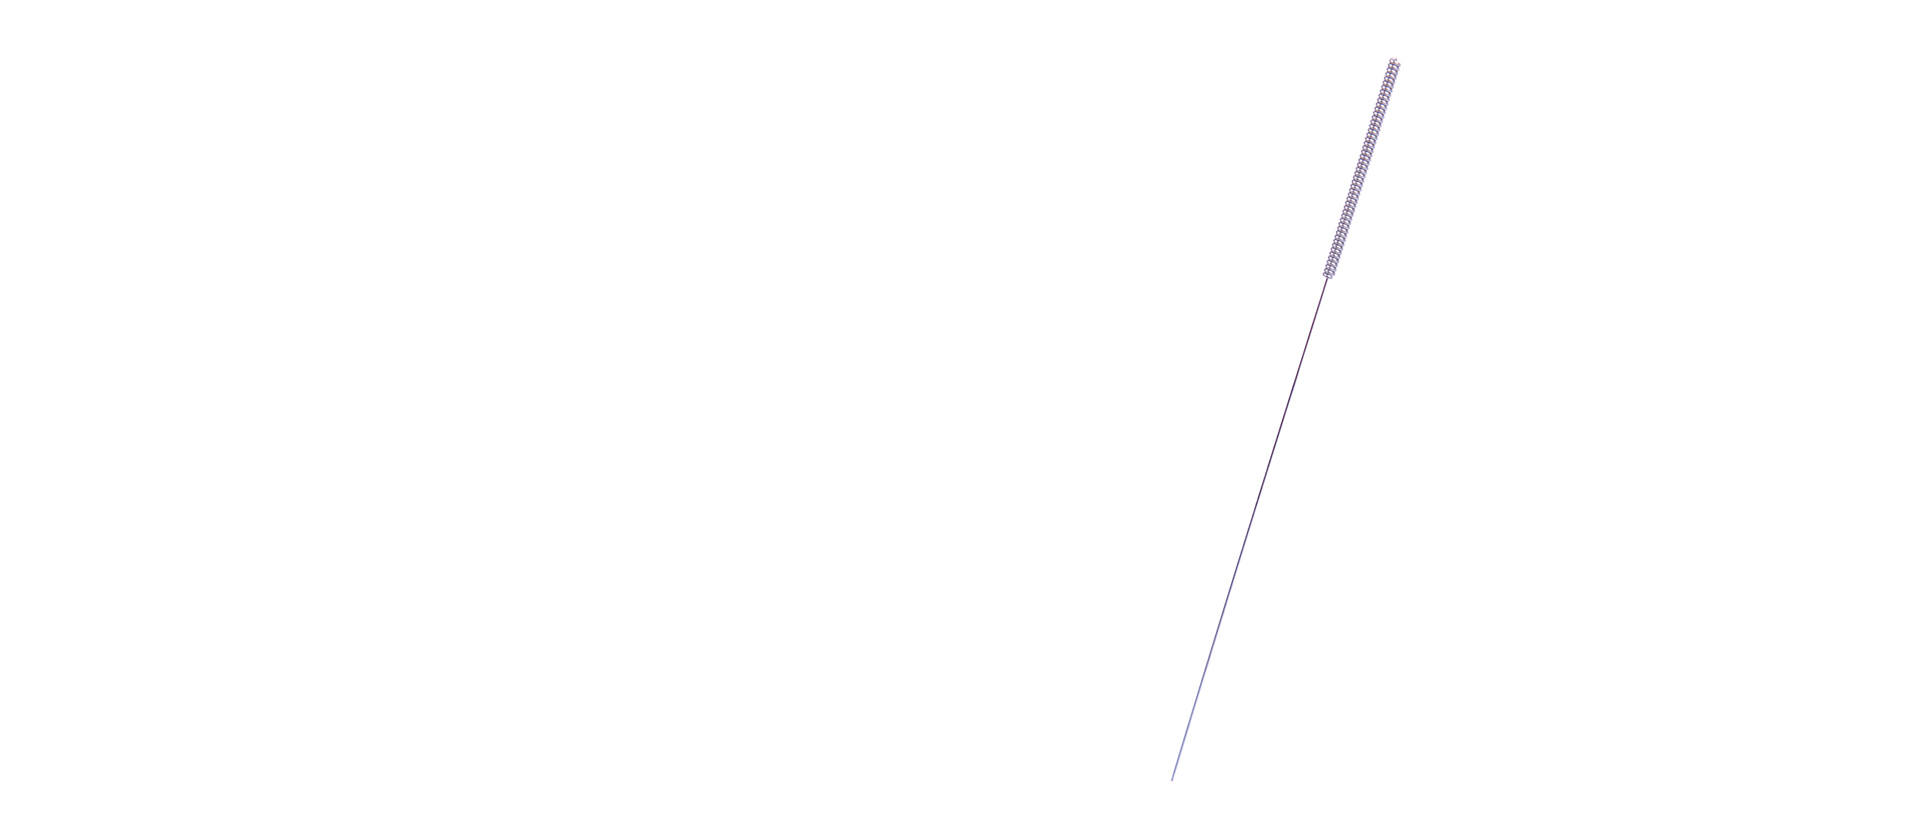 acupuntura-medica-intro1